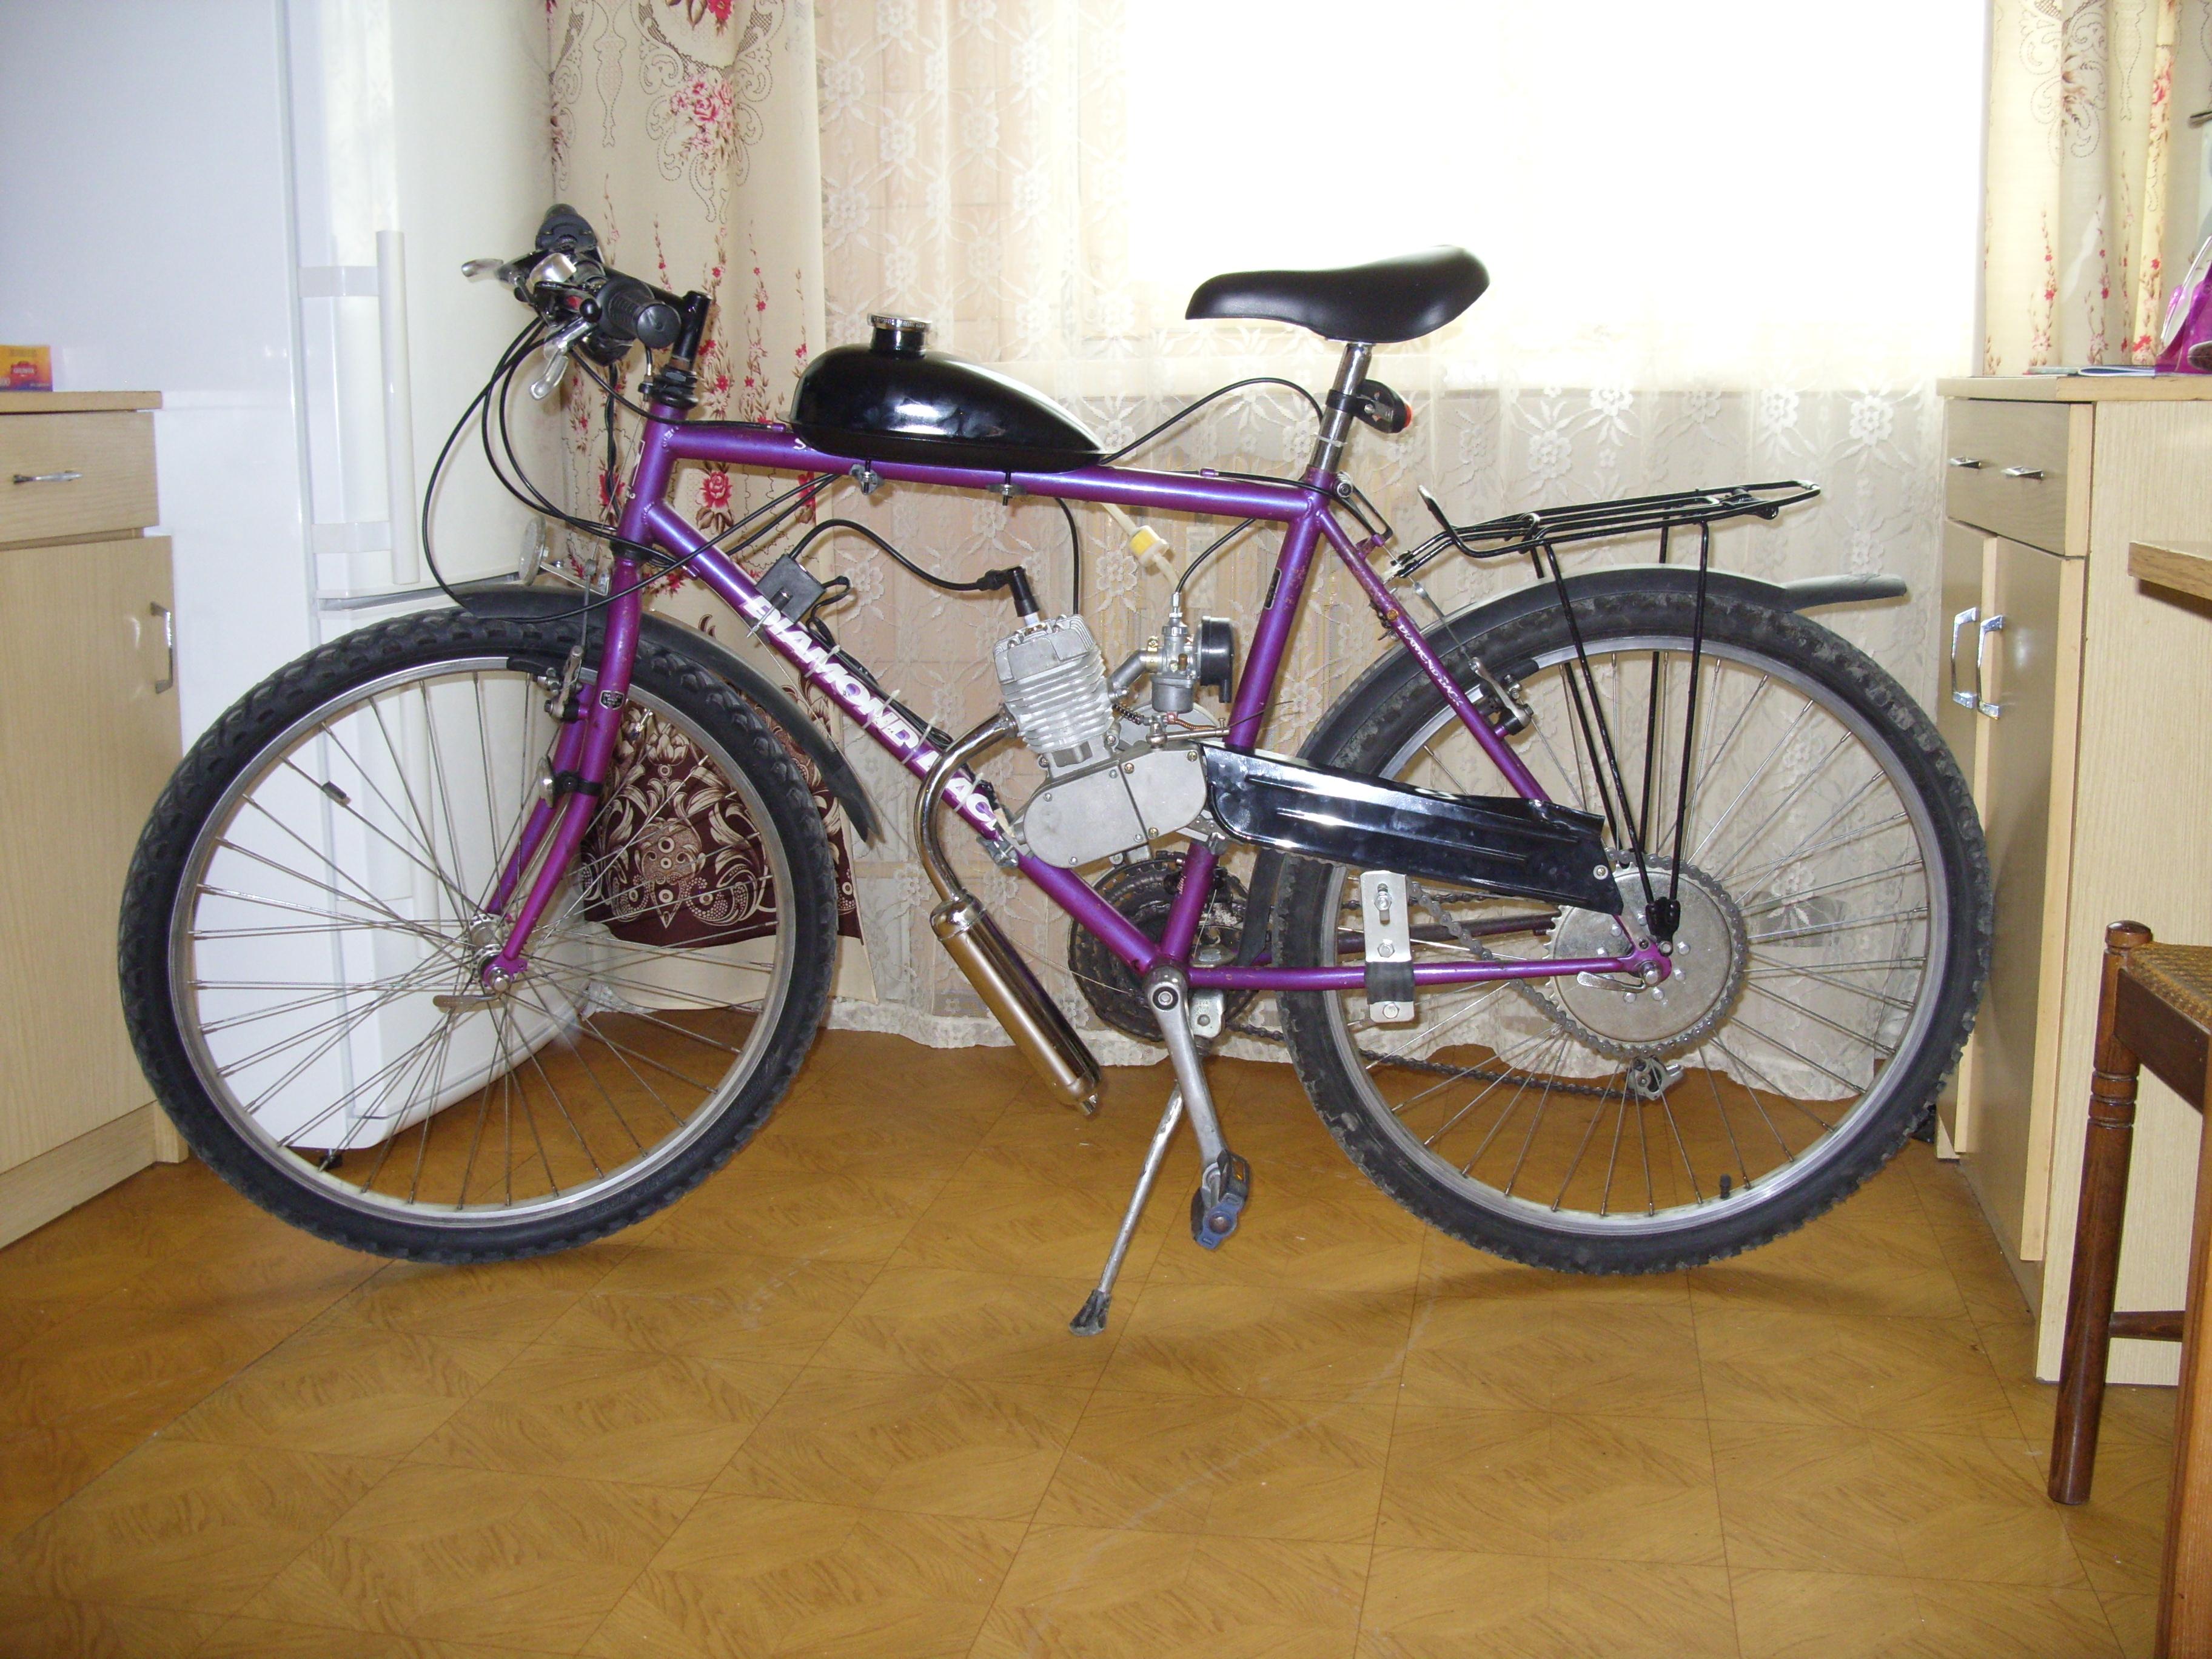 Chi�ski silnik rowerowy - nie dzia�a przycisk stop, regulacja ga�nika